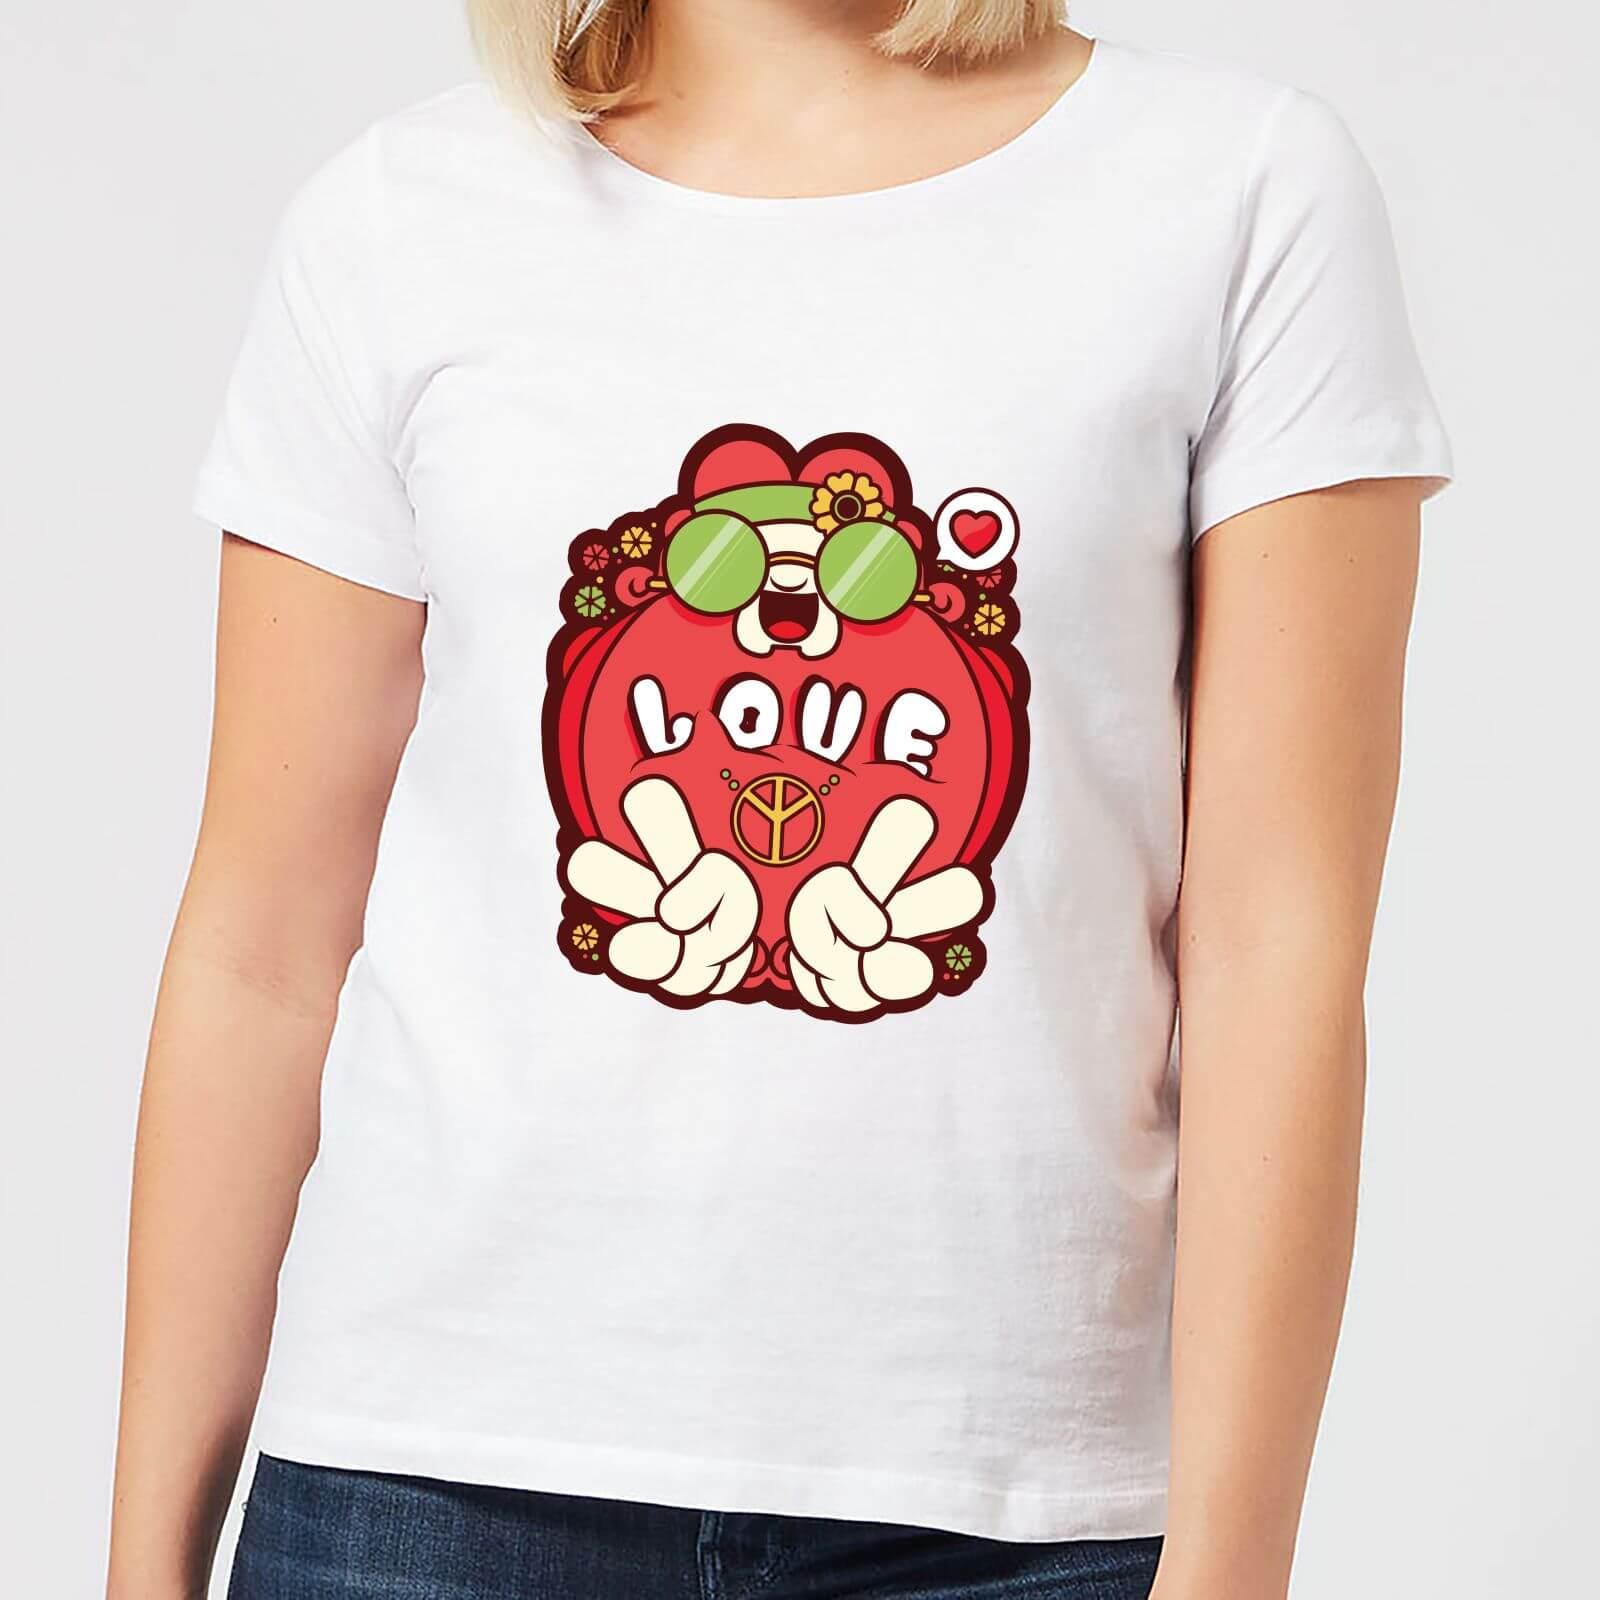 IWOOT Hippie Love Cartoon Women's T-Shirt - White - M - White